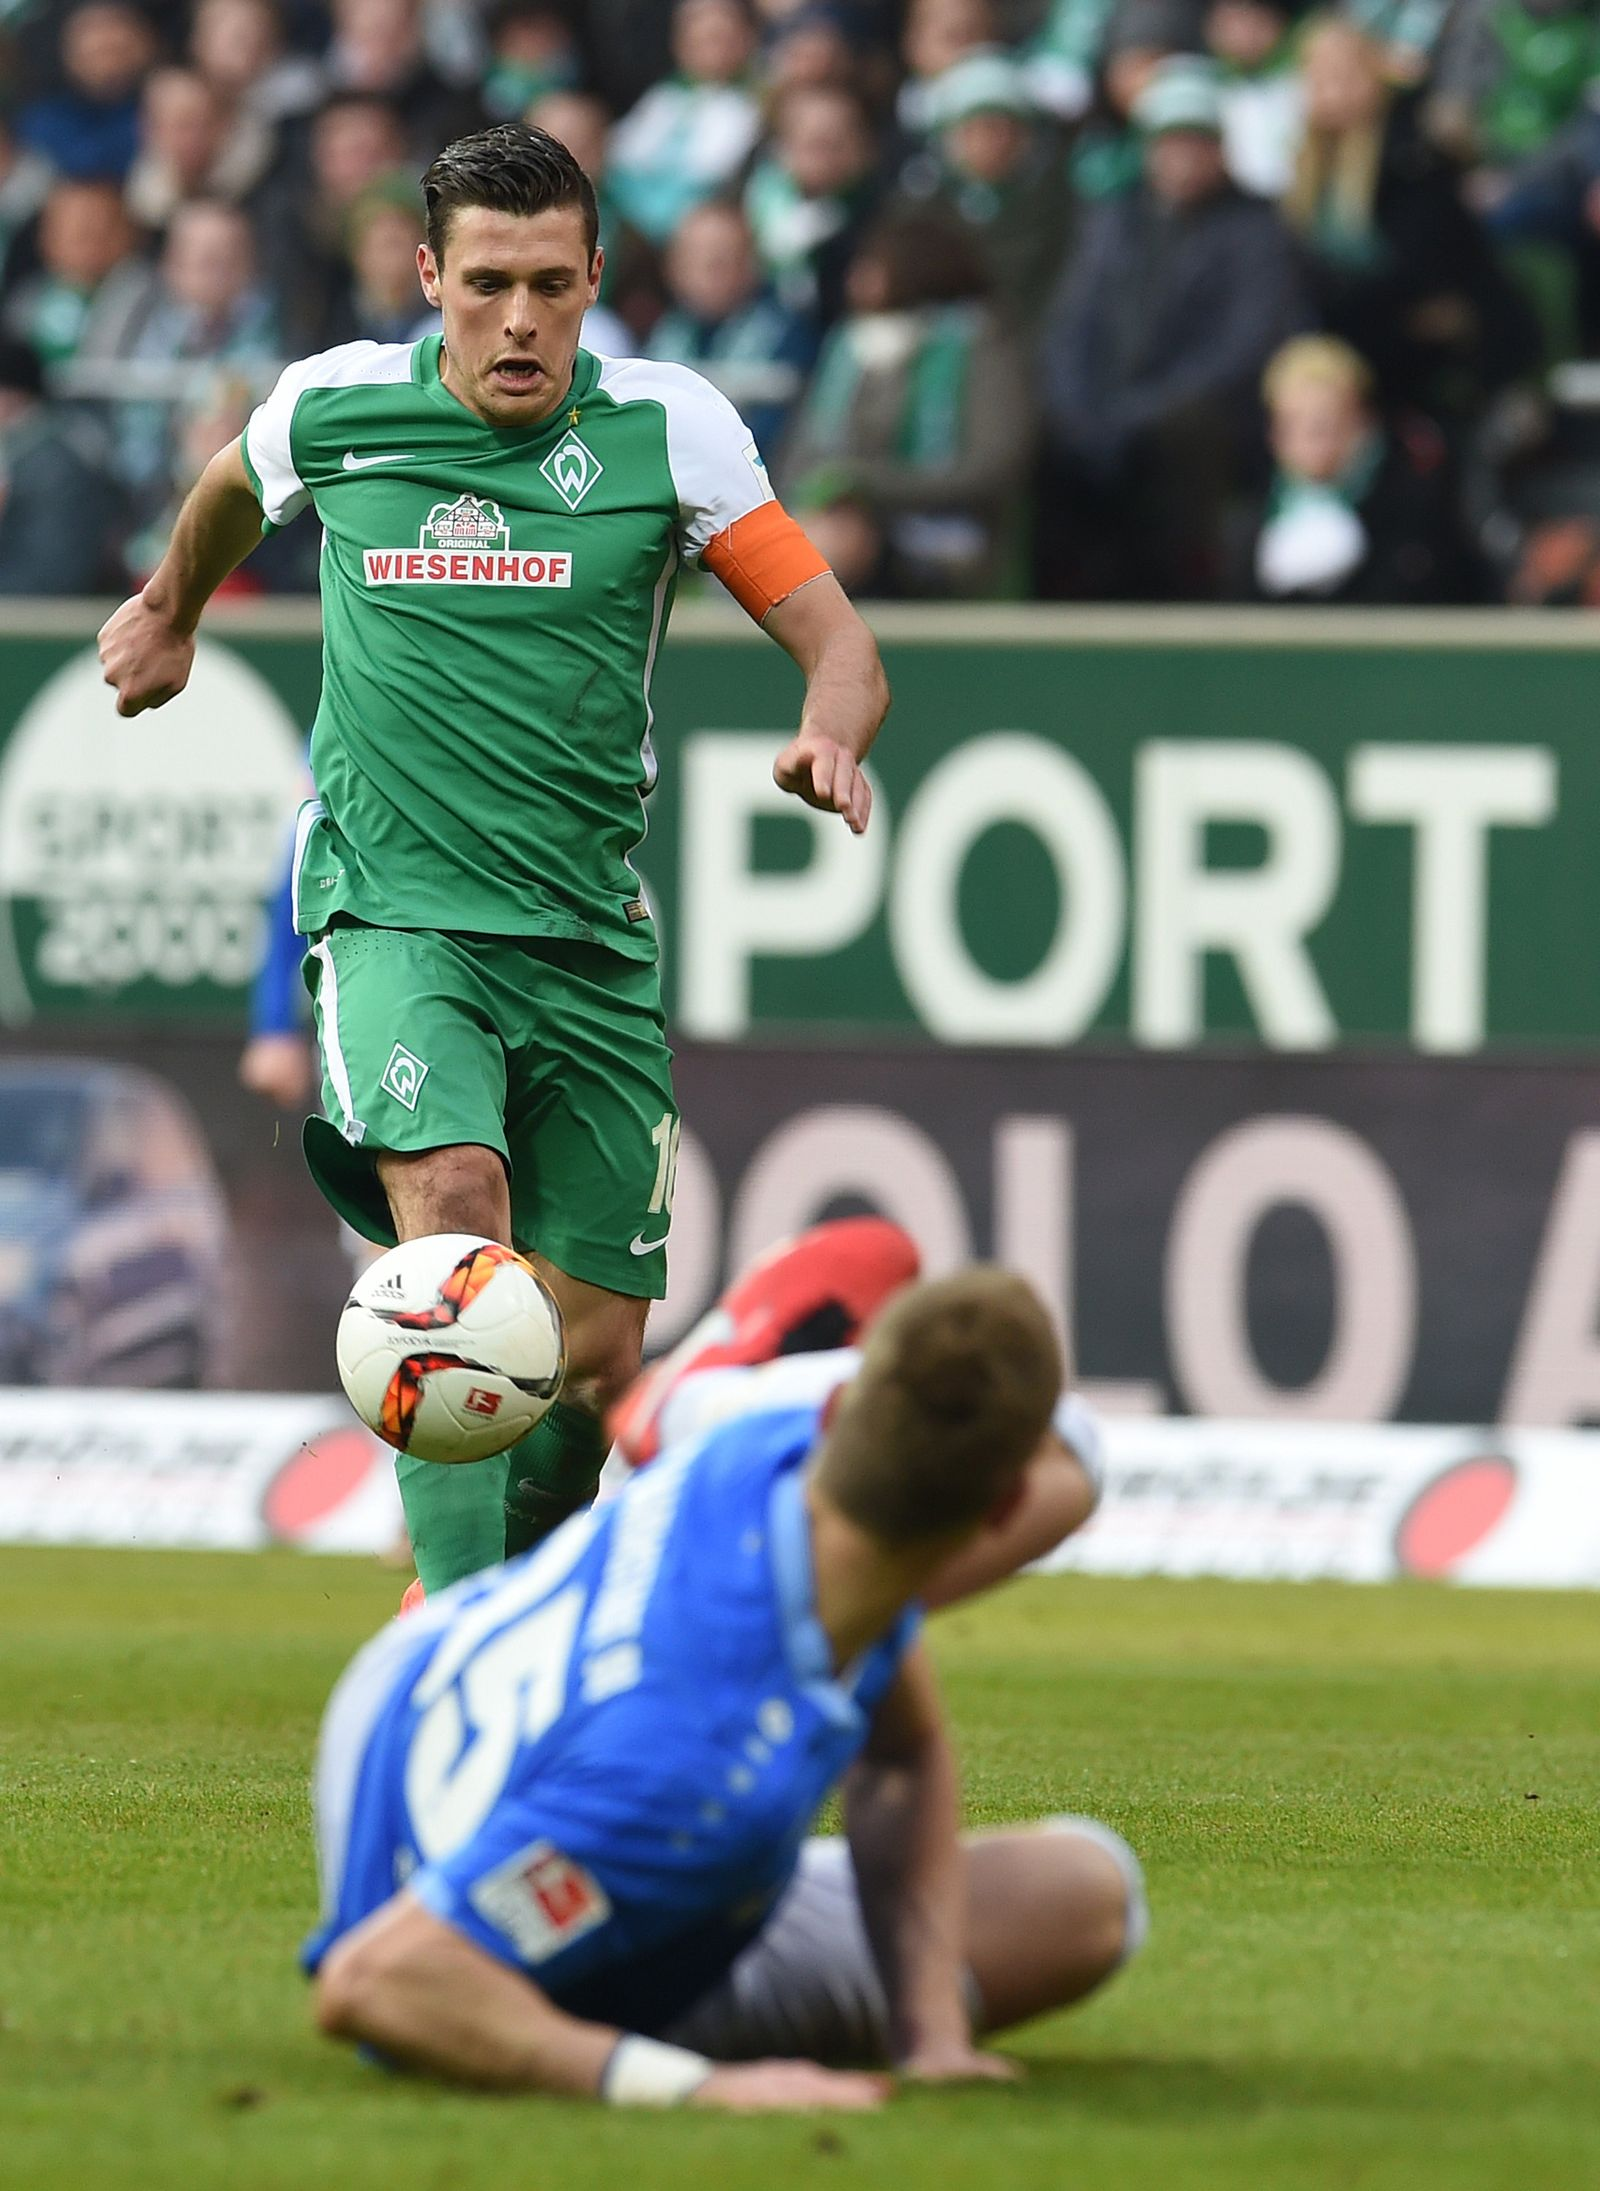 Werder Bremen Zlatko Junuzovic